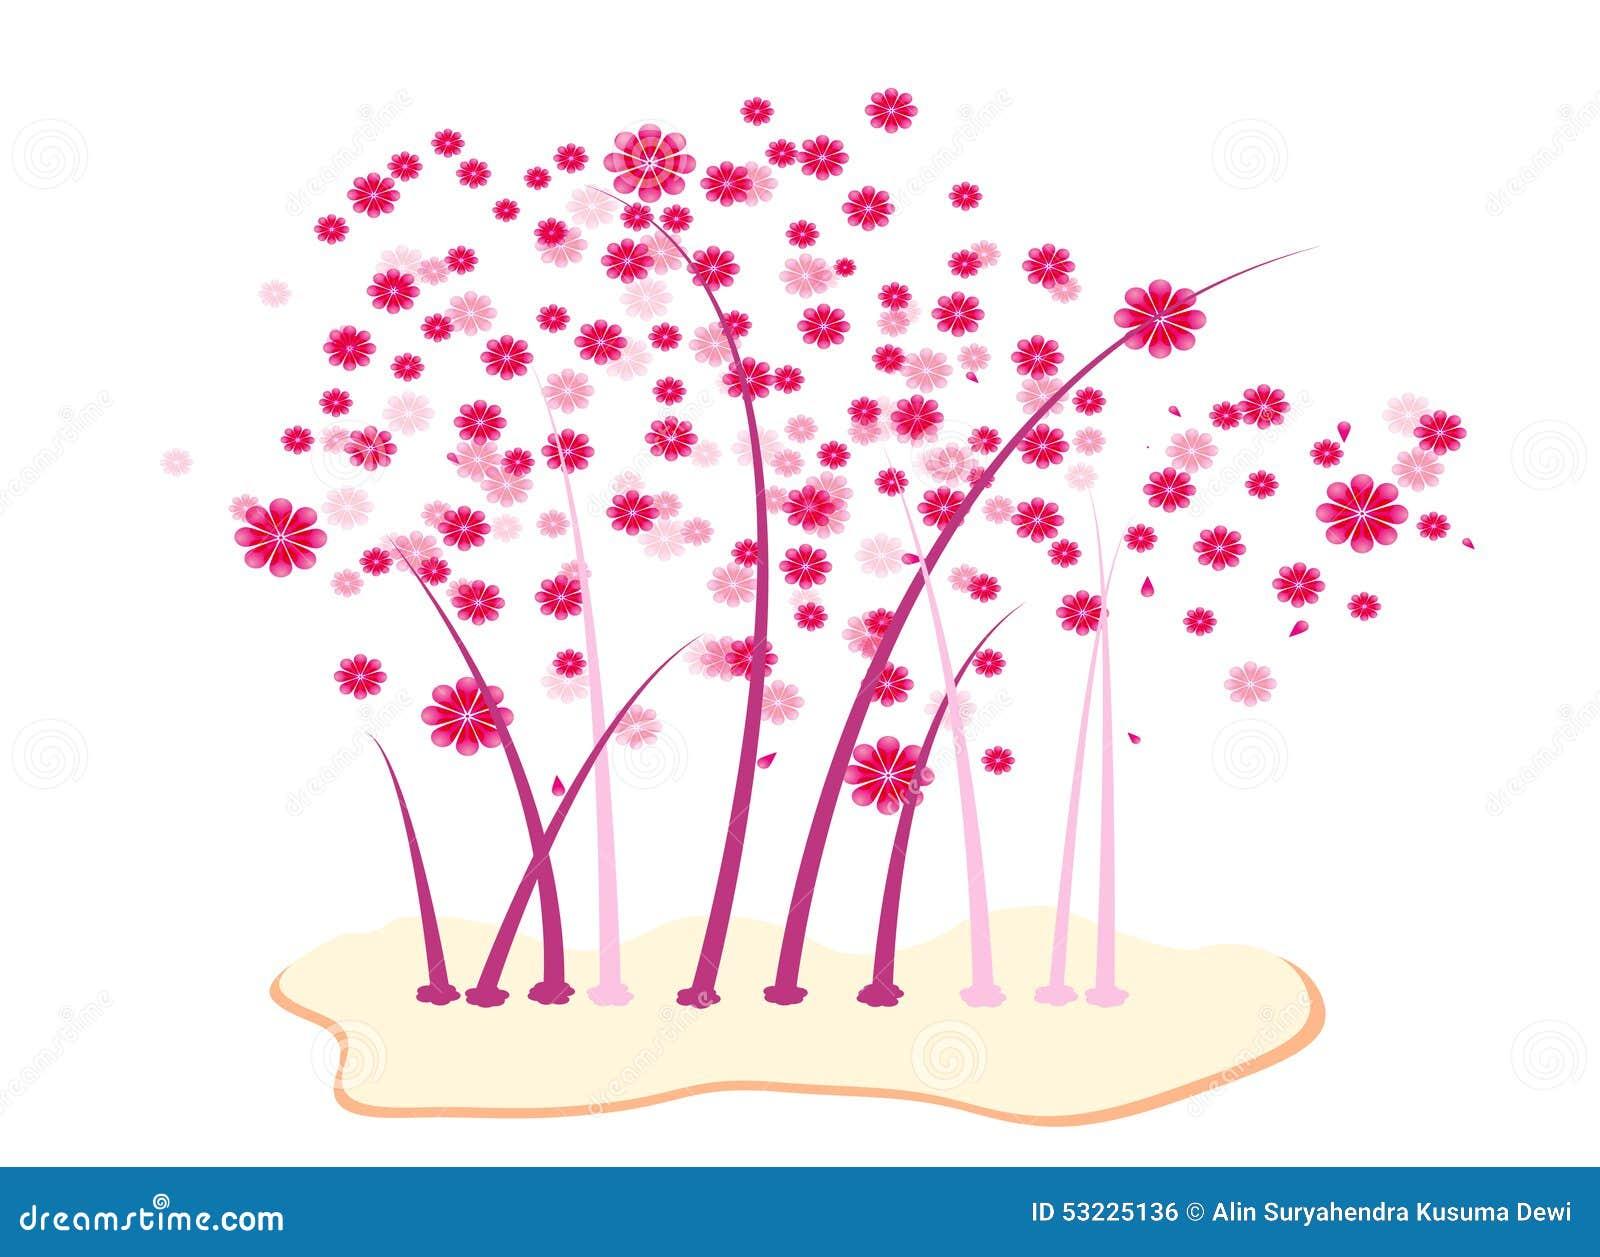 La silueta de la flor de cerezo